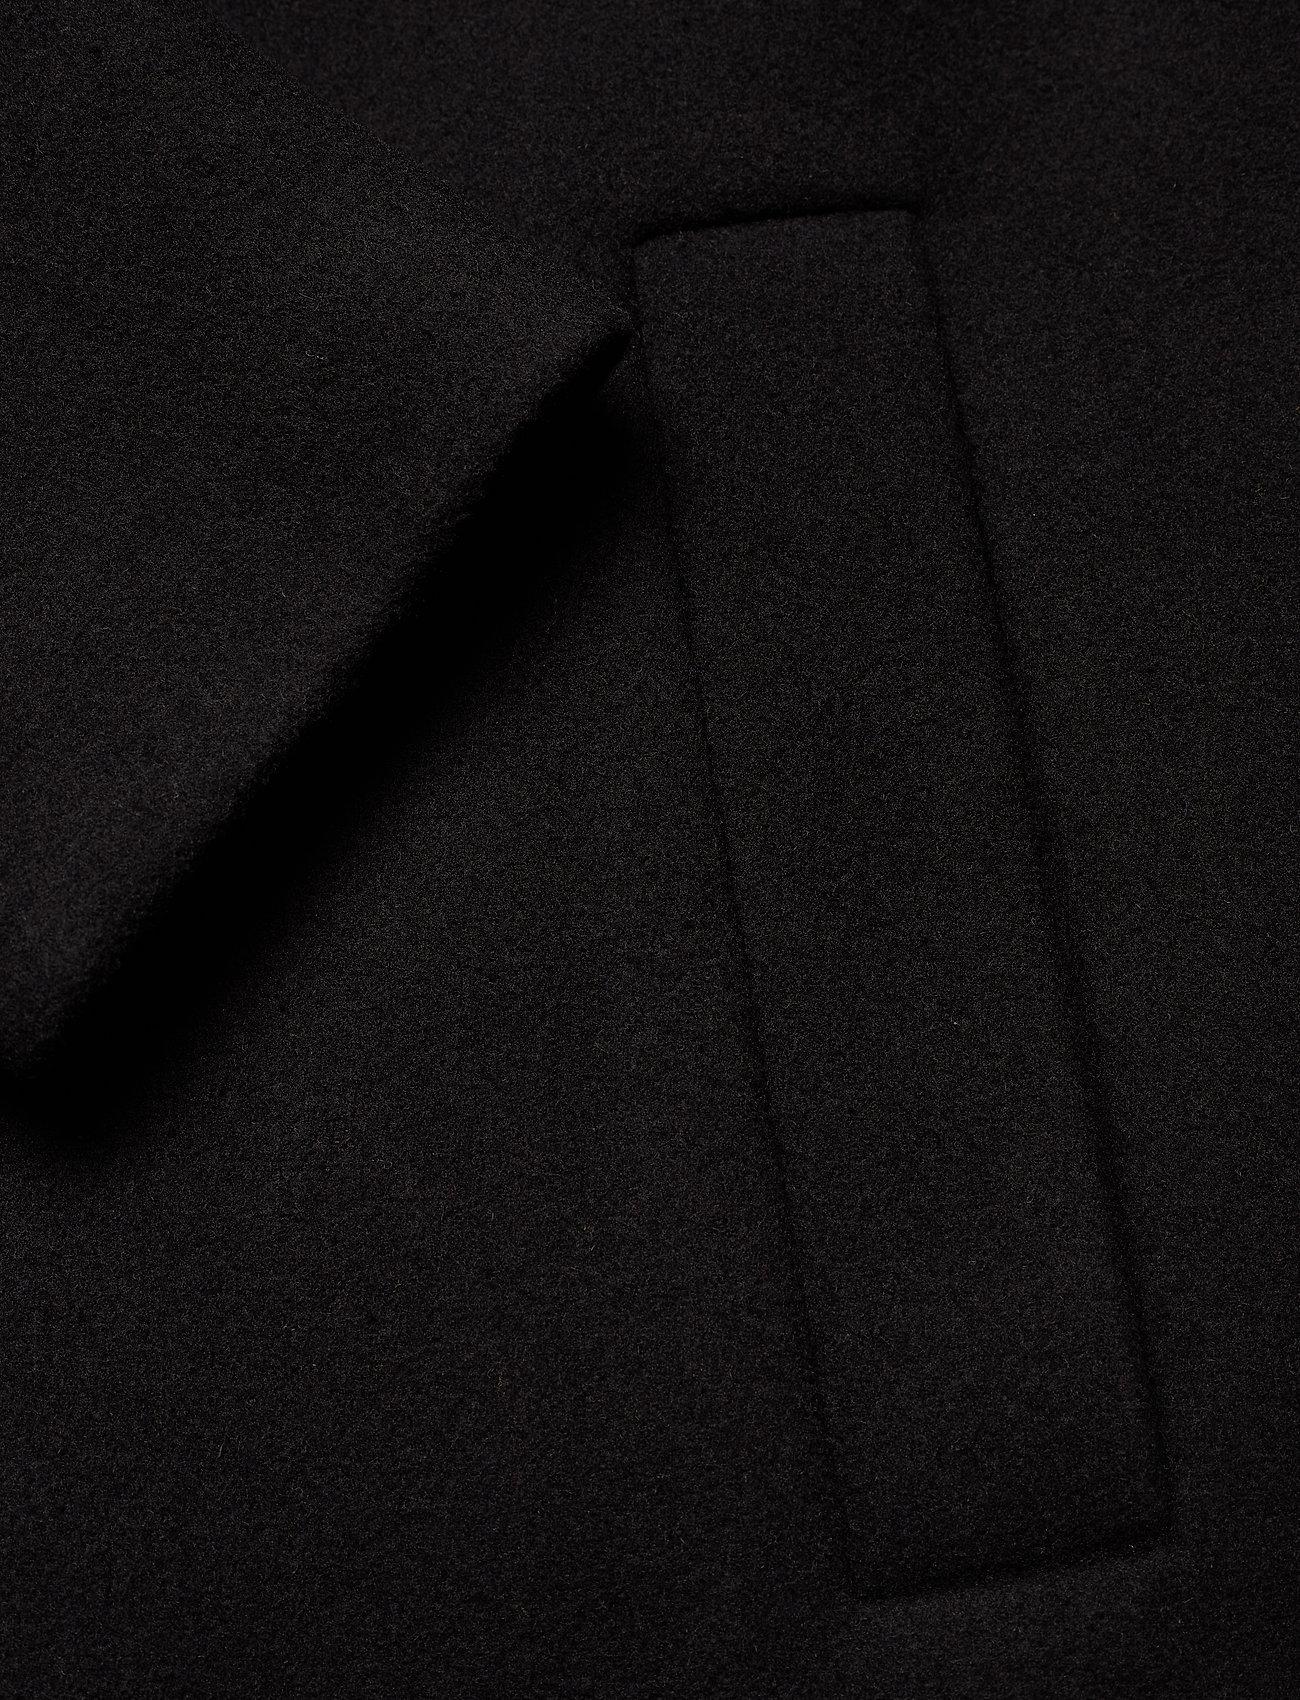 Jack & Jones JJEMOULDER WOOL COAT STS - Jakker og frakker BLACK - Menn Klær